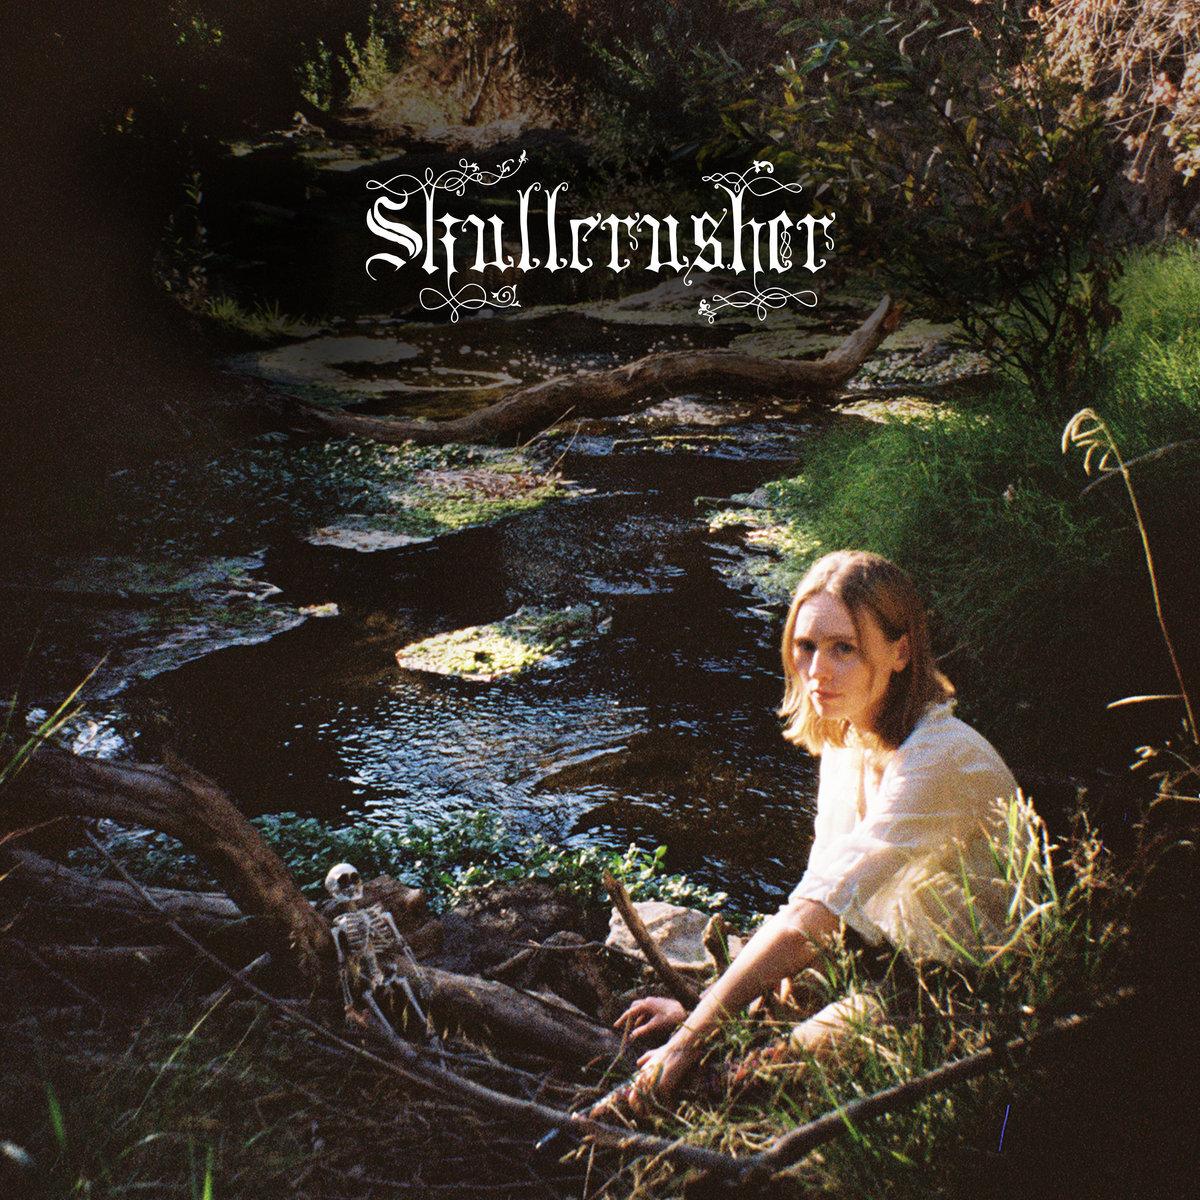 Skullcrusher - Skullcrusher (LTD. Transparent Cloudy Clear LP)